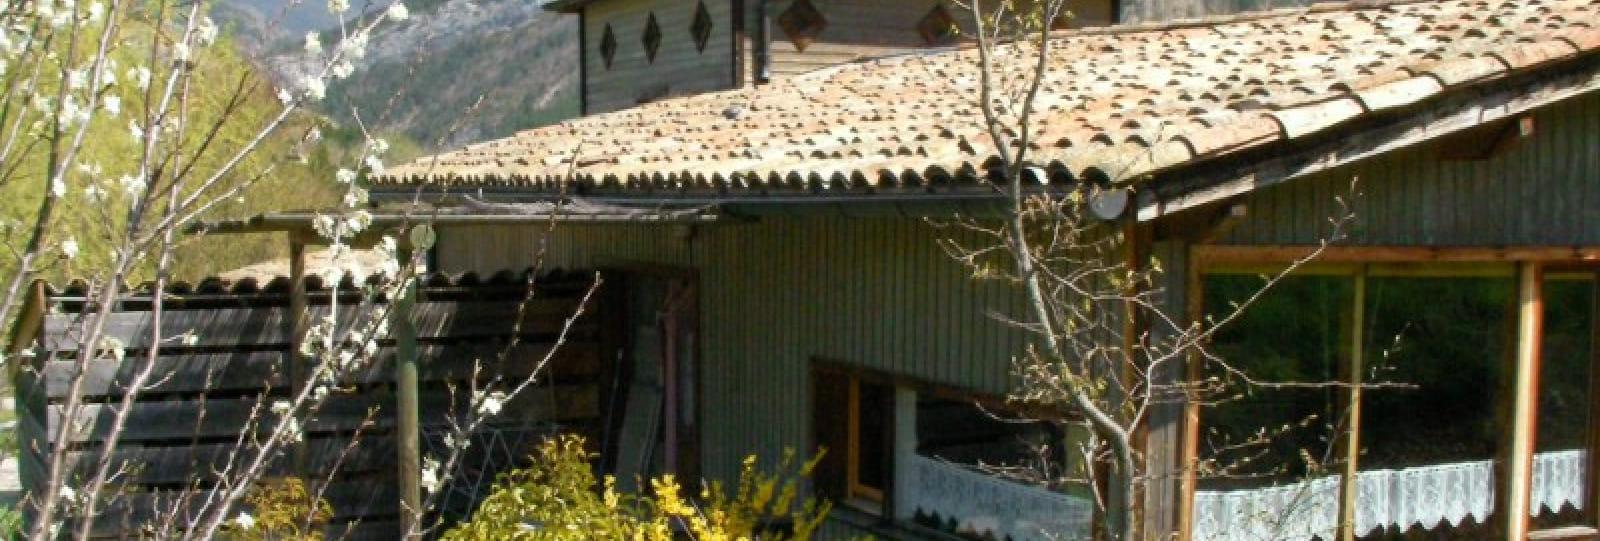 Vue sur la terrasse du gîte le dos à l'ouest. Dans le fond, les falaises du glandasse (Vercors sud) encore enneigées.